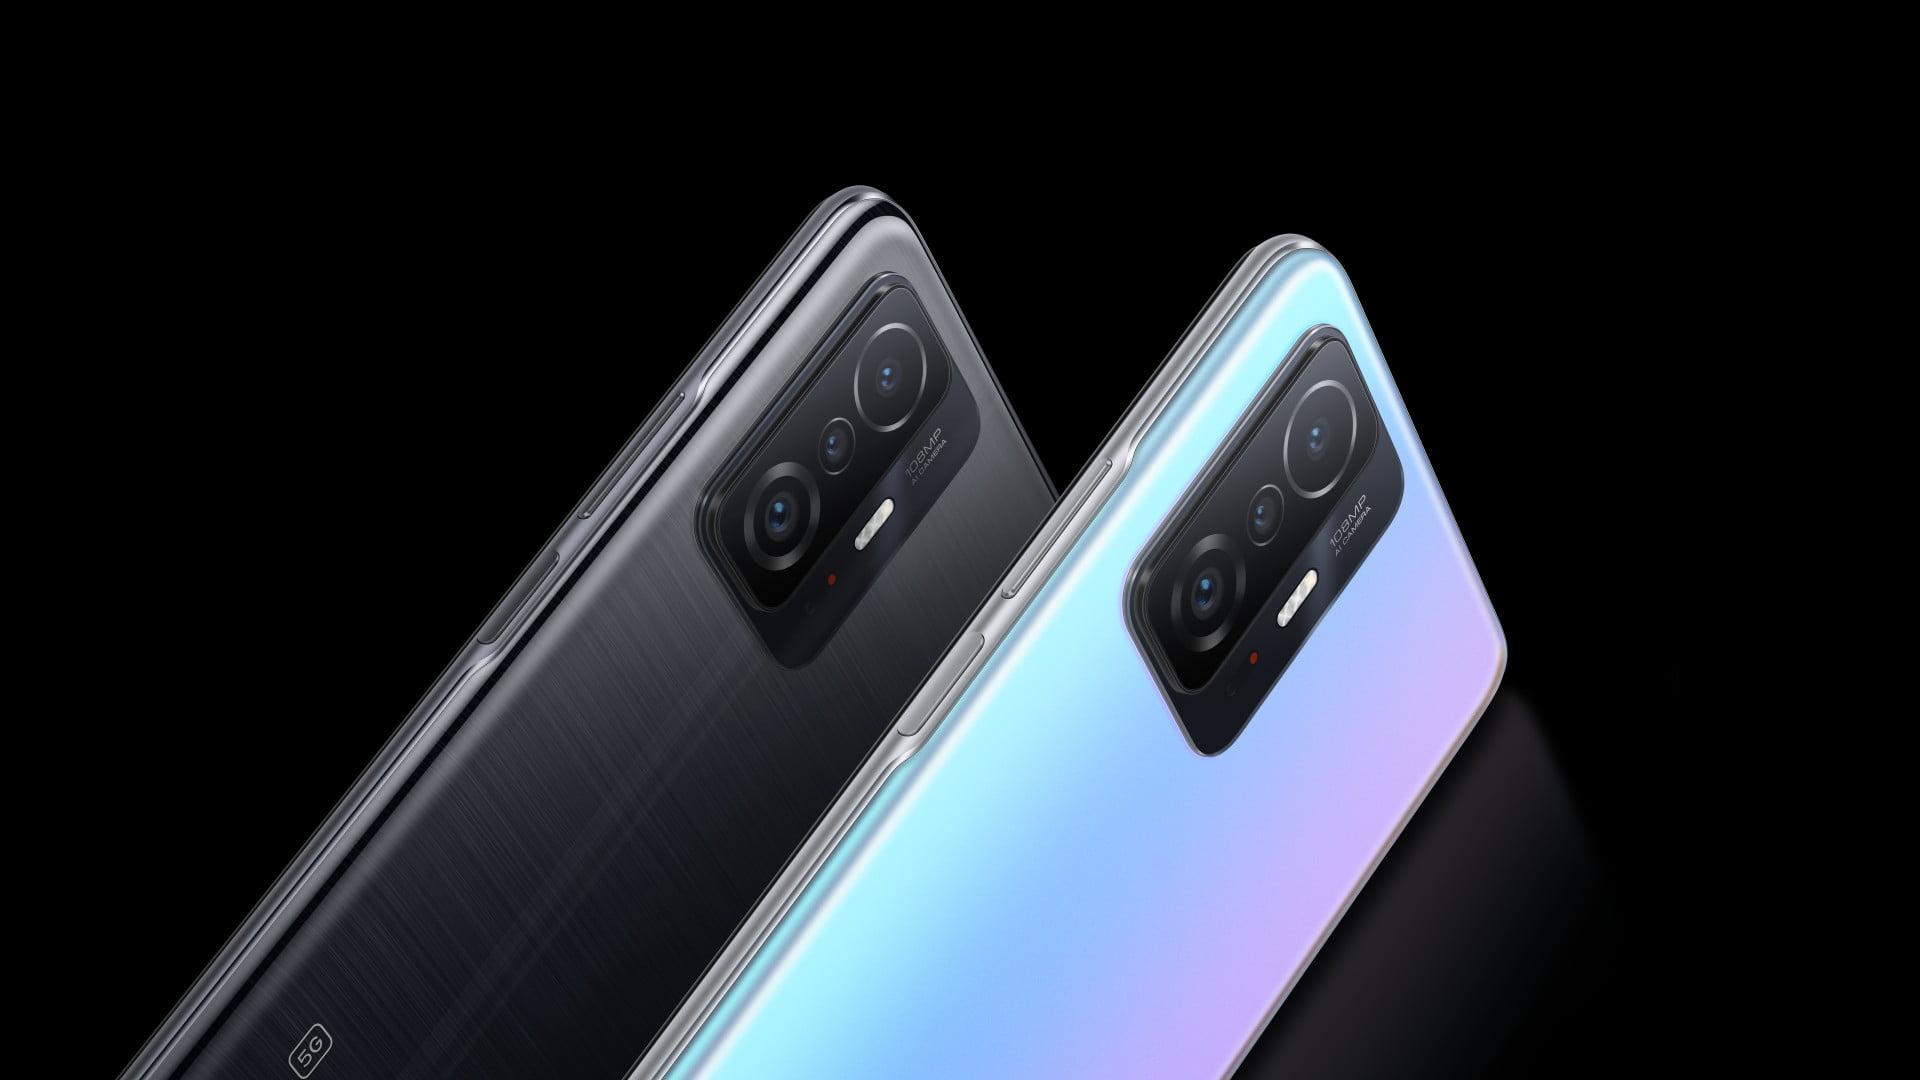 חדשות: סדרת Xiaomi 11T עם Xiaomi 11T Pro ו- Xiaomi 11T